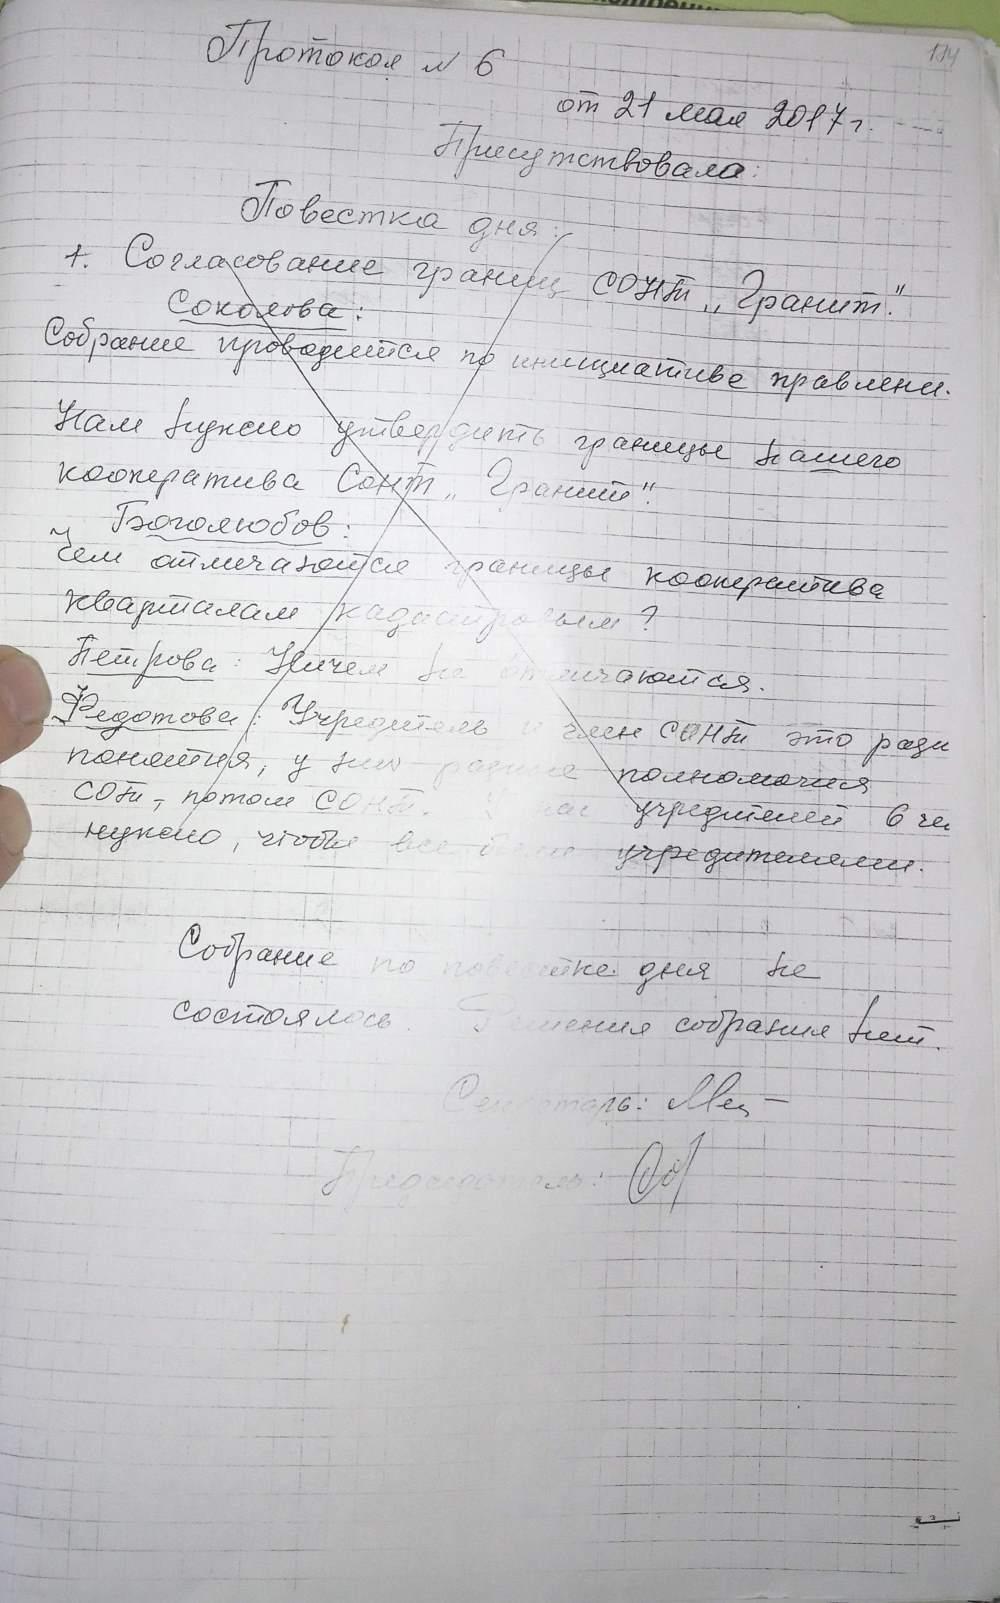 https://sontgranit.ru/forum/img/174-2017-10-13.jpg